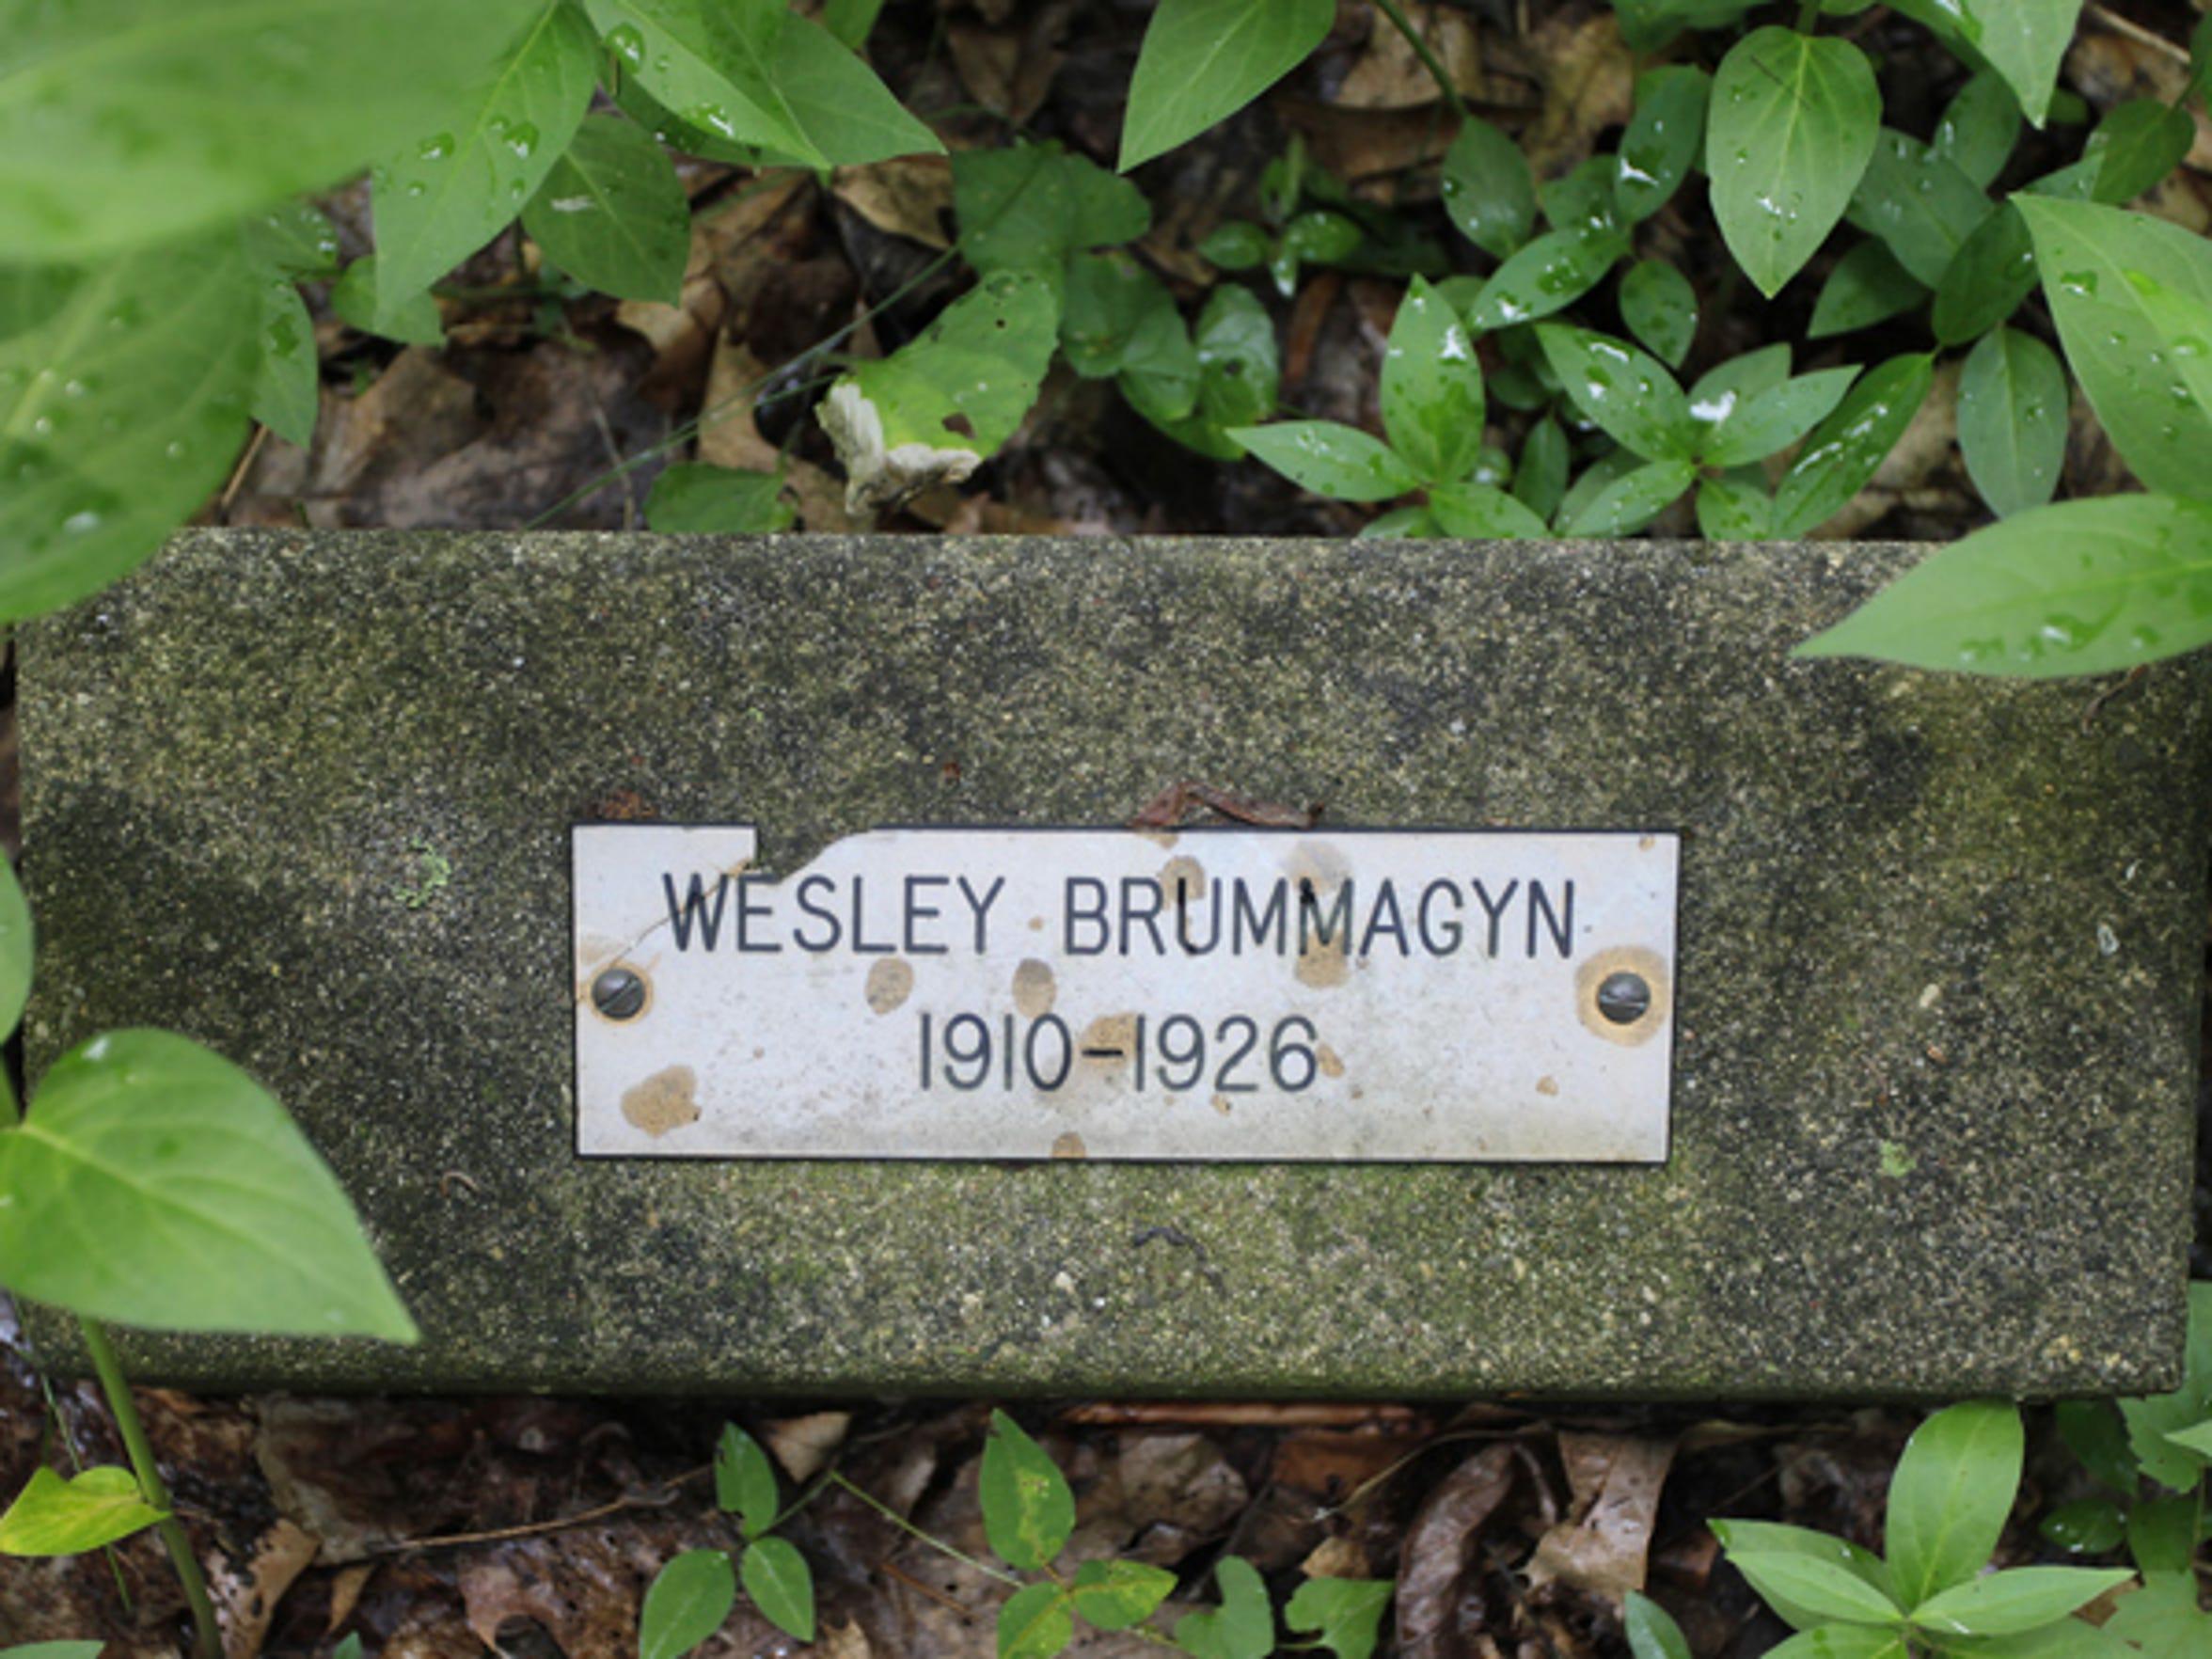 wesley-brummagyn